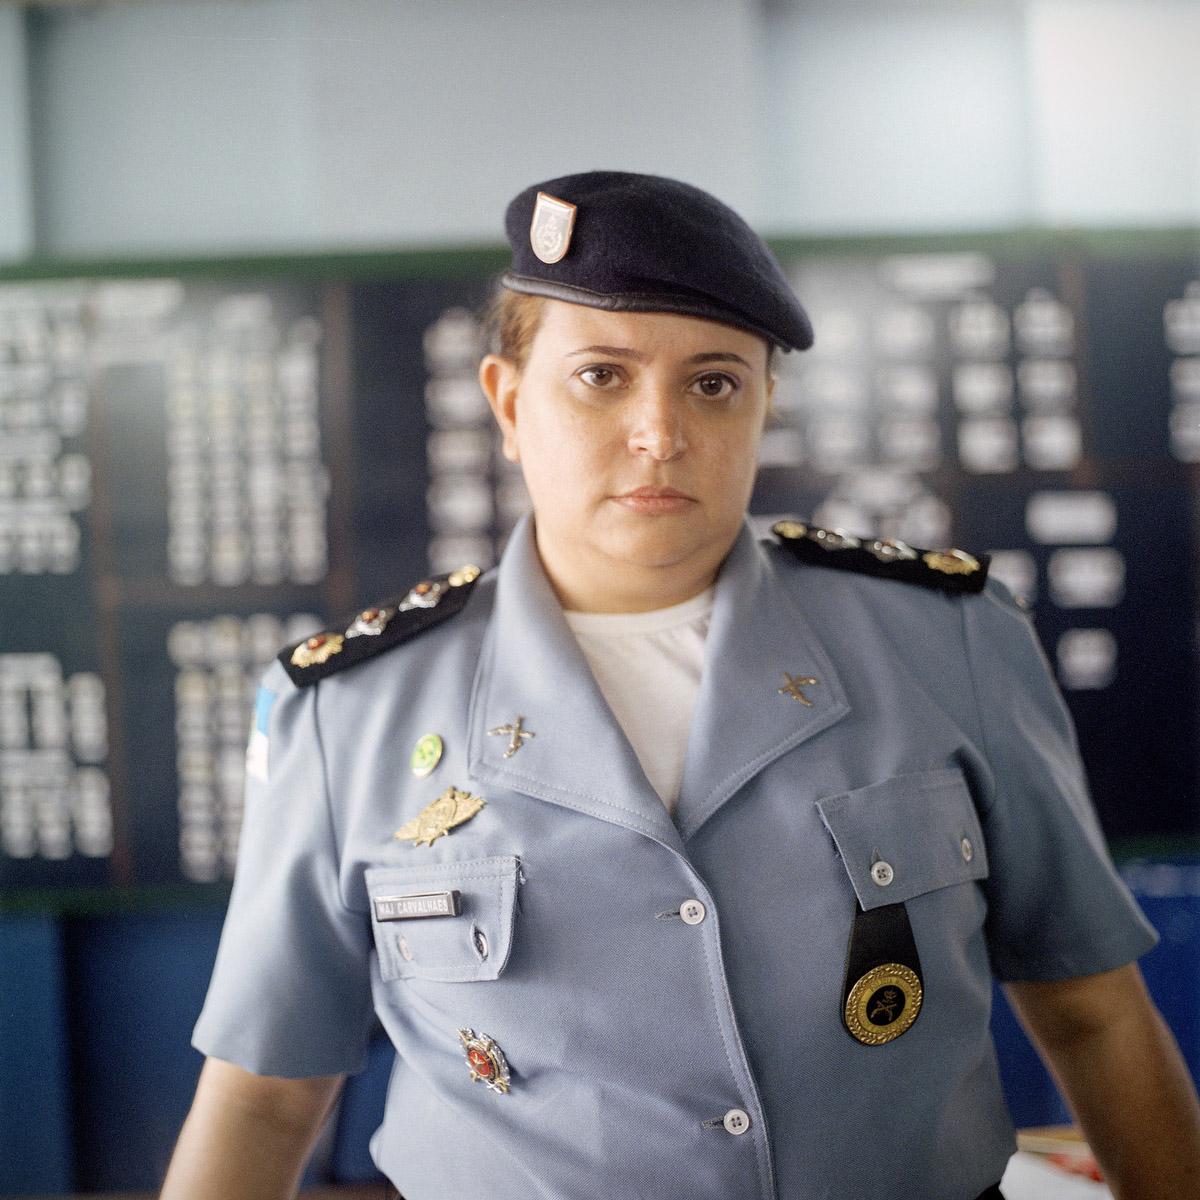 Major Alessandra Carvalhaes, Commander of the Pacifying Police Unit, Complexo do Caju, Rio de Janeiro, Brazil